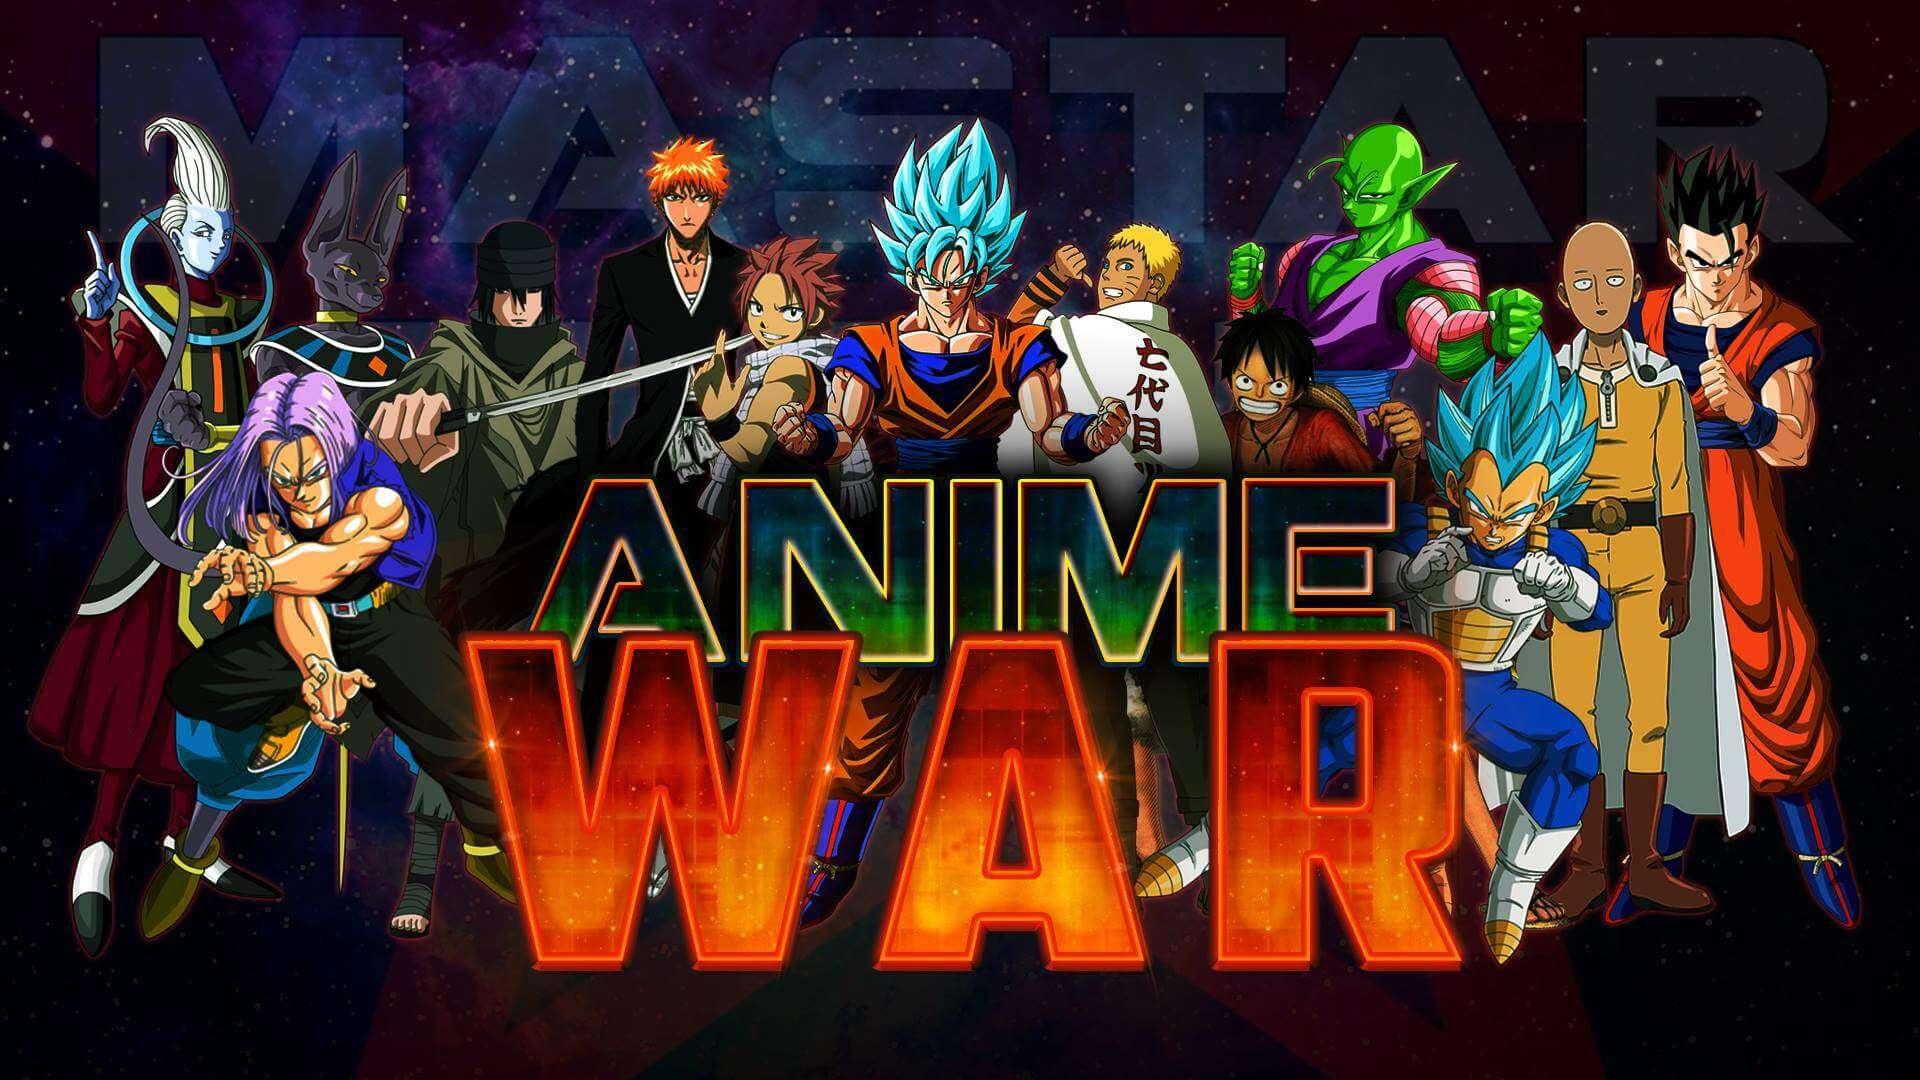 animewar - Anime War